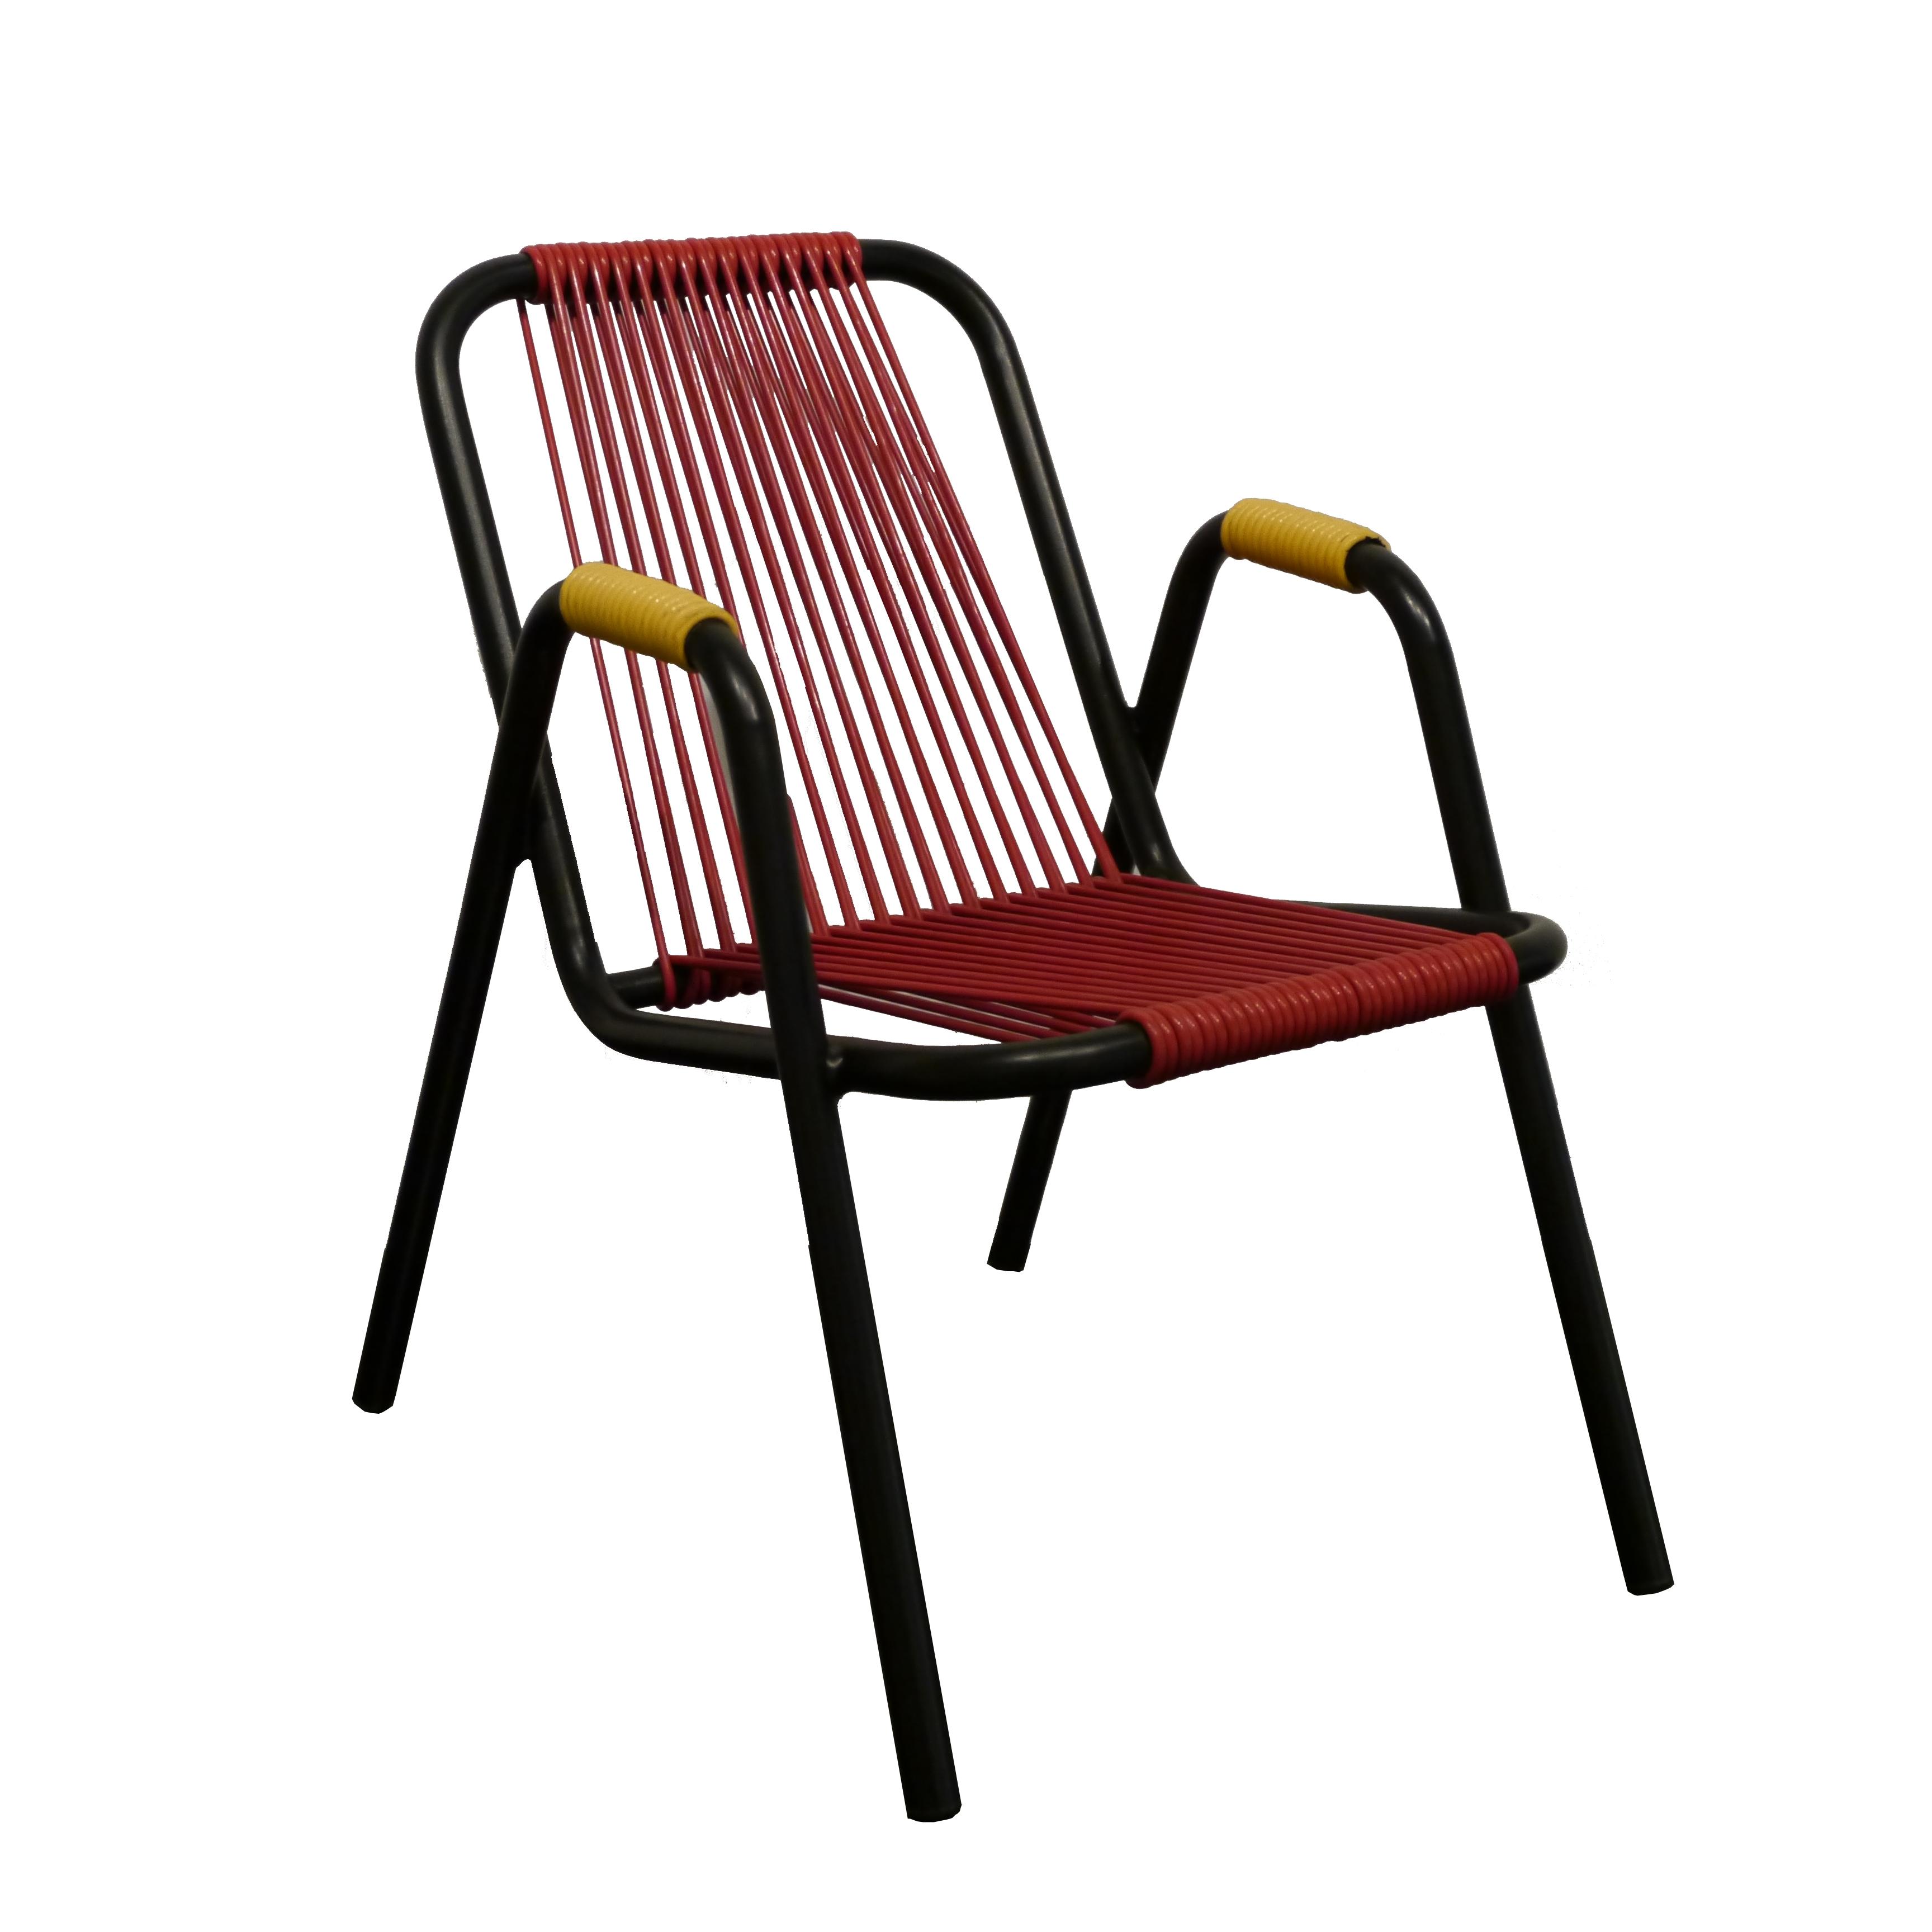 Fauteuil scoubidou pour enfant en acier et fil plastique - Chaise scoubidou vintage ...